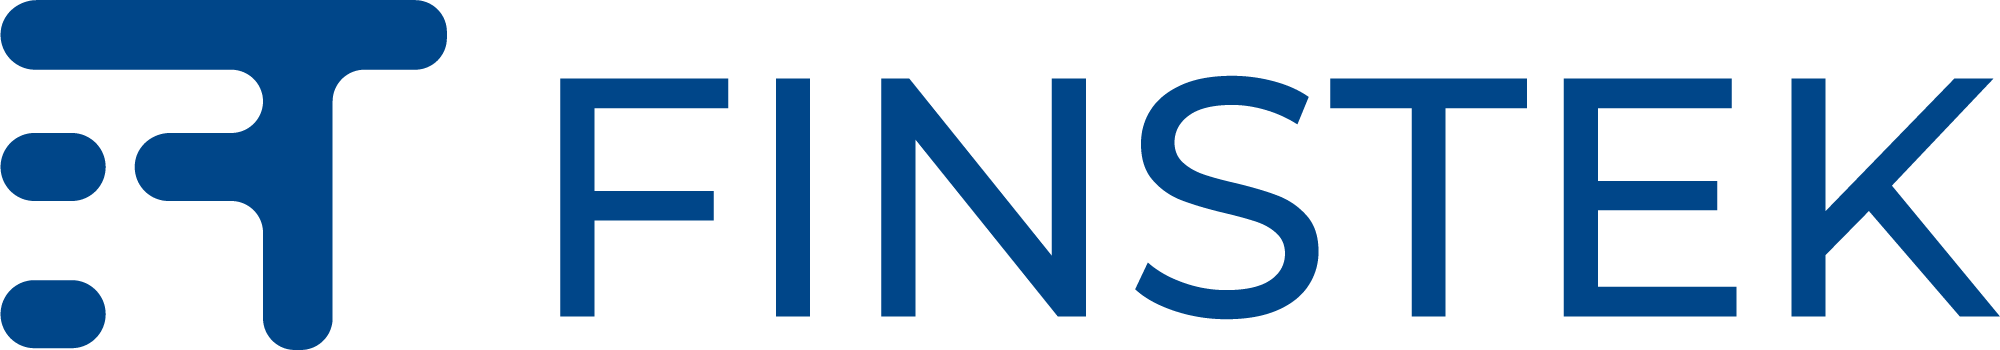 Finstek logo